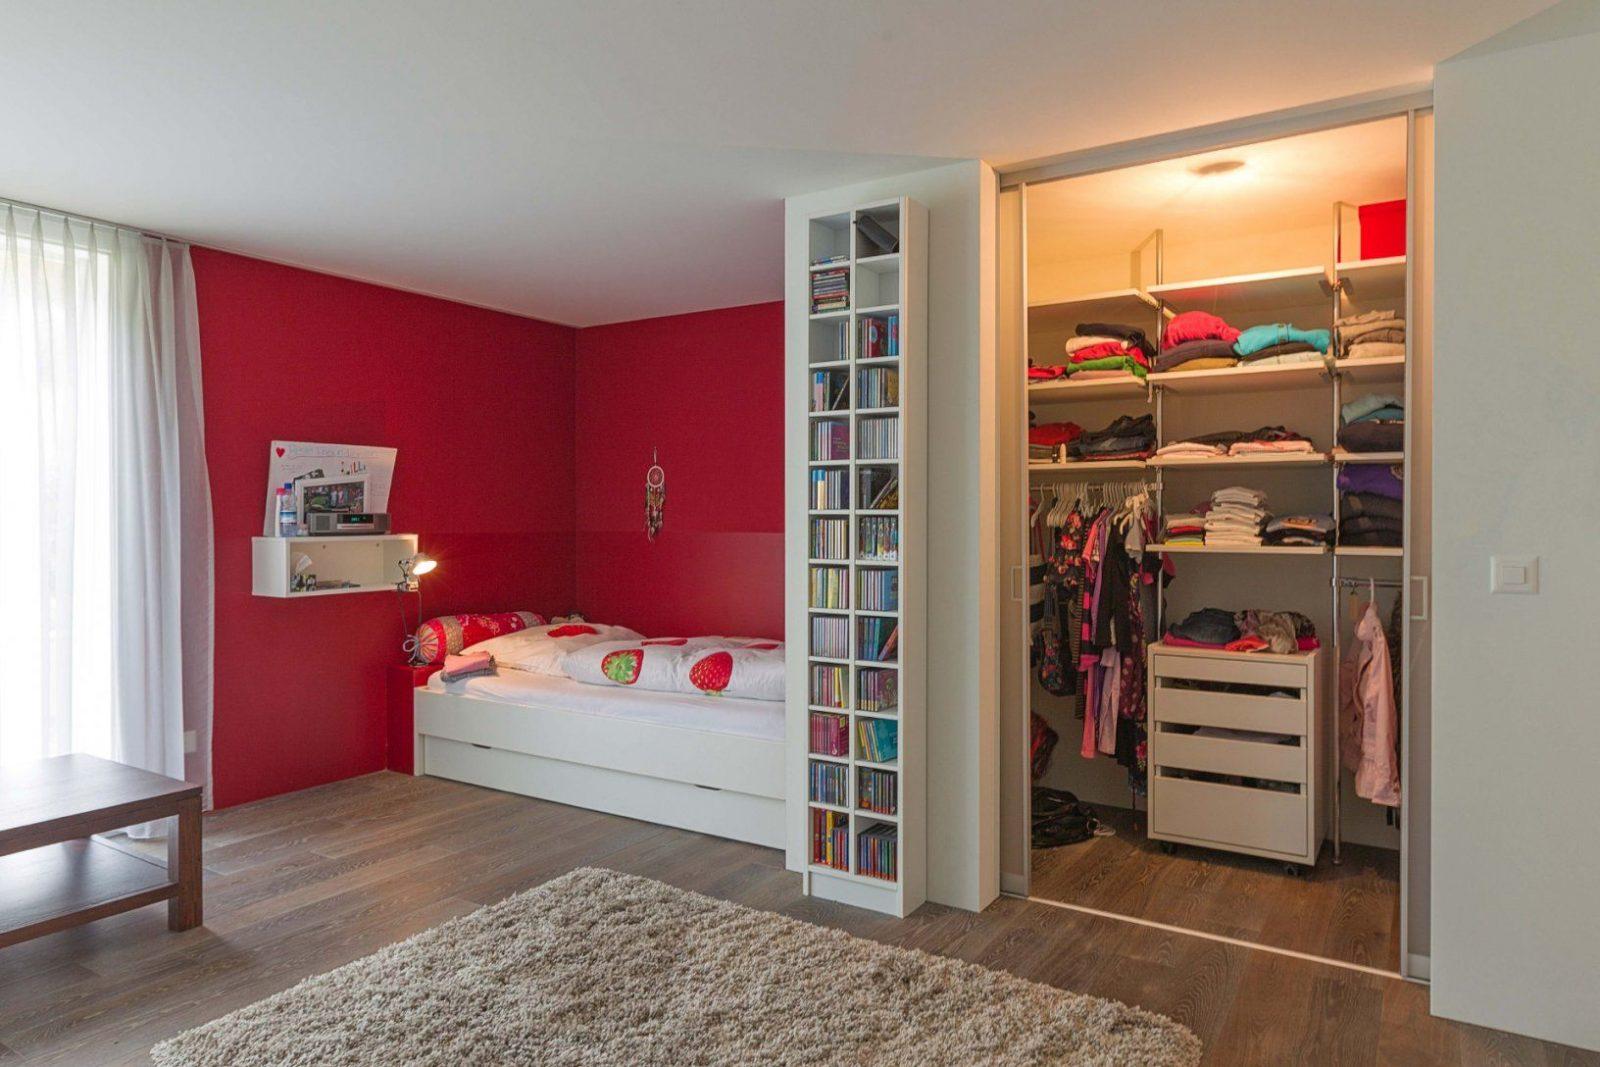 Begehbarer Kleiderschrank Mit Innenlicht Im Mädchenzimmer  Auf&zu von Jugendzimmer Mit Begehbarem Schrank Bild